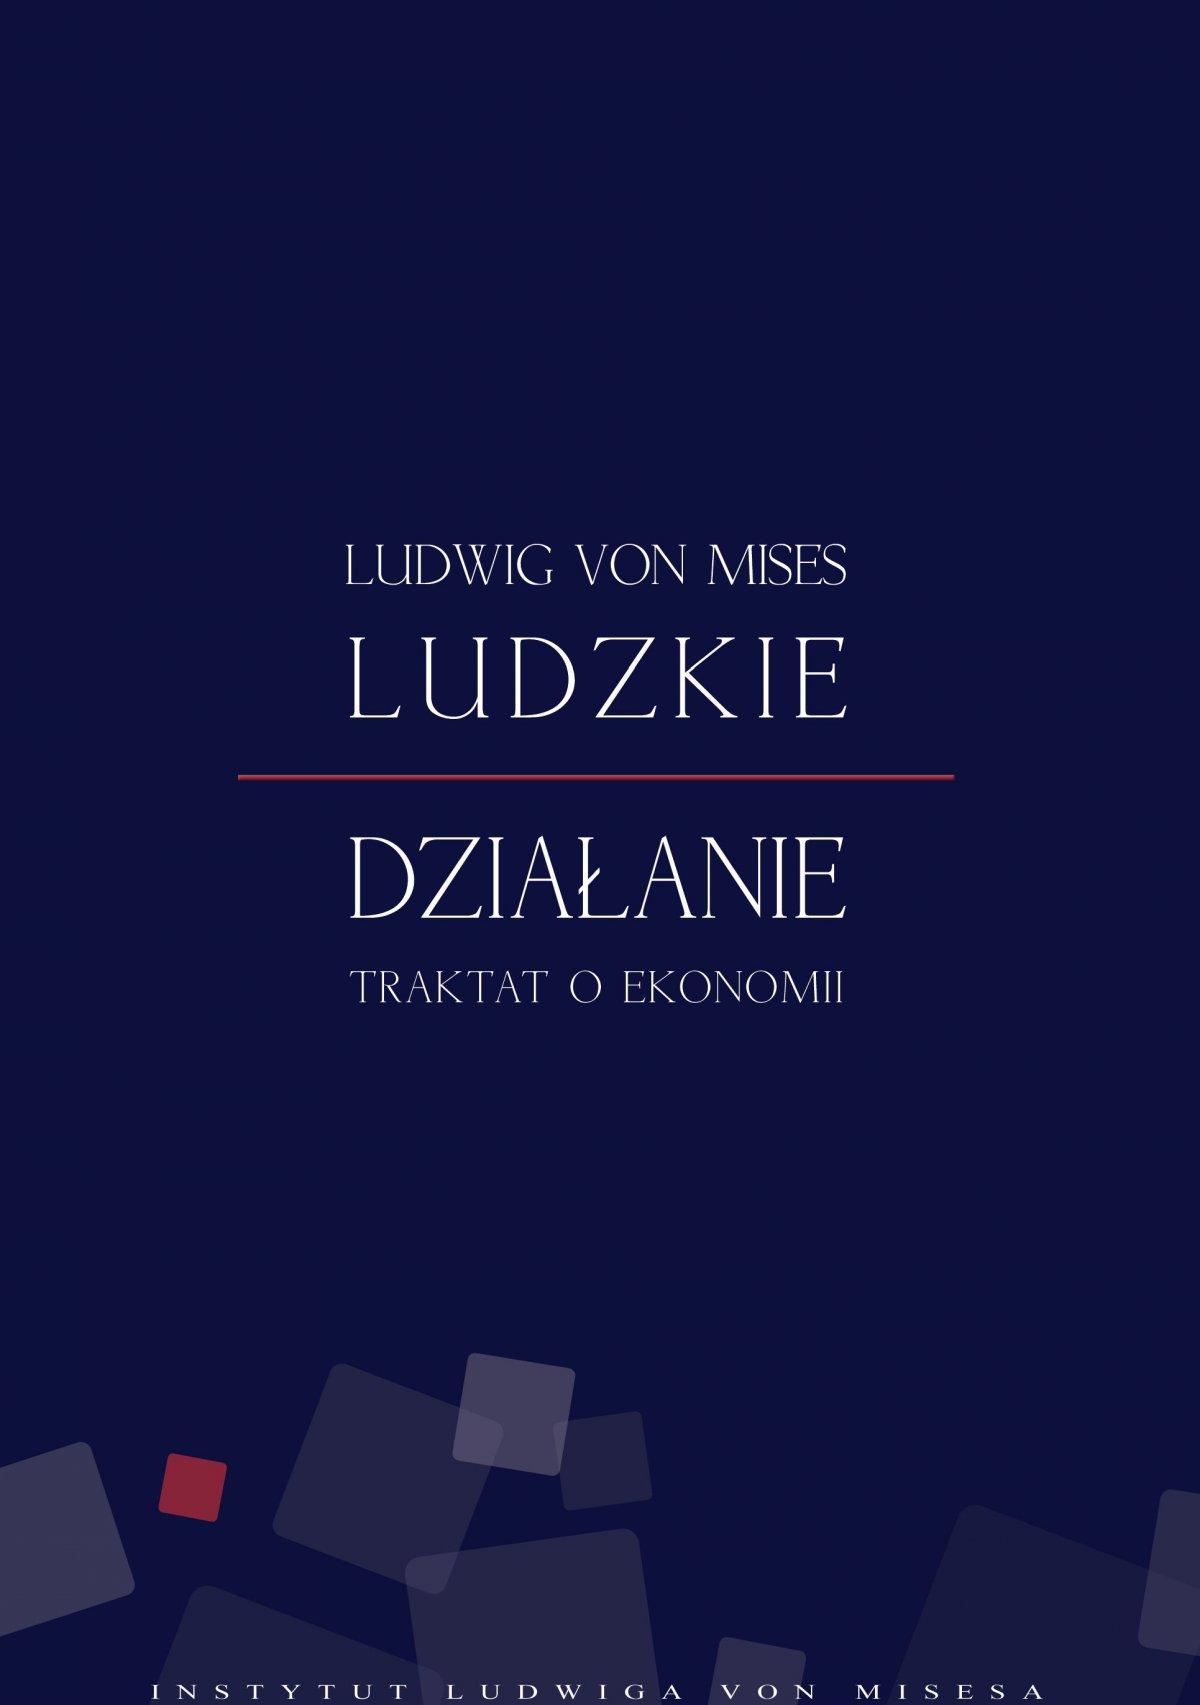 Ludzkie działanie. Traktat o ekonomii - Ebook (Książka EPUB) do pobrania w formacie EPUB